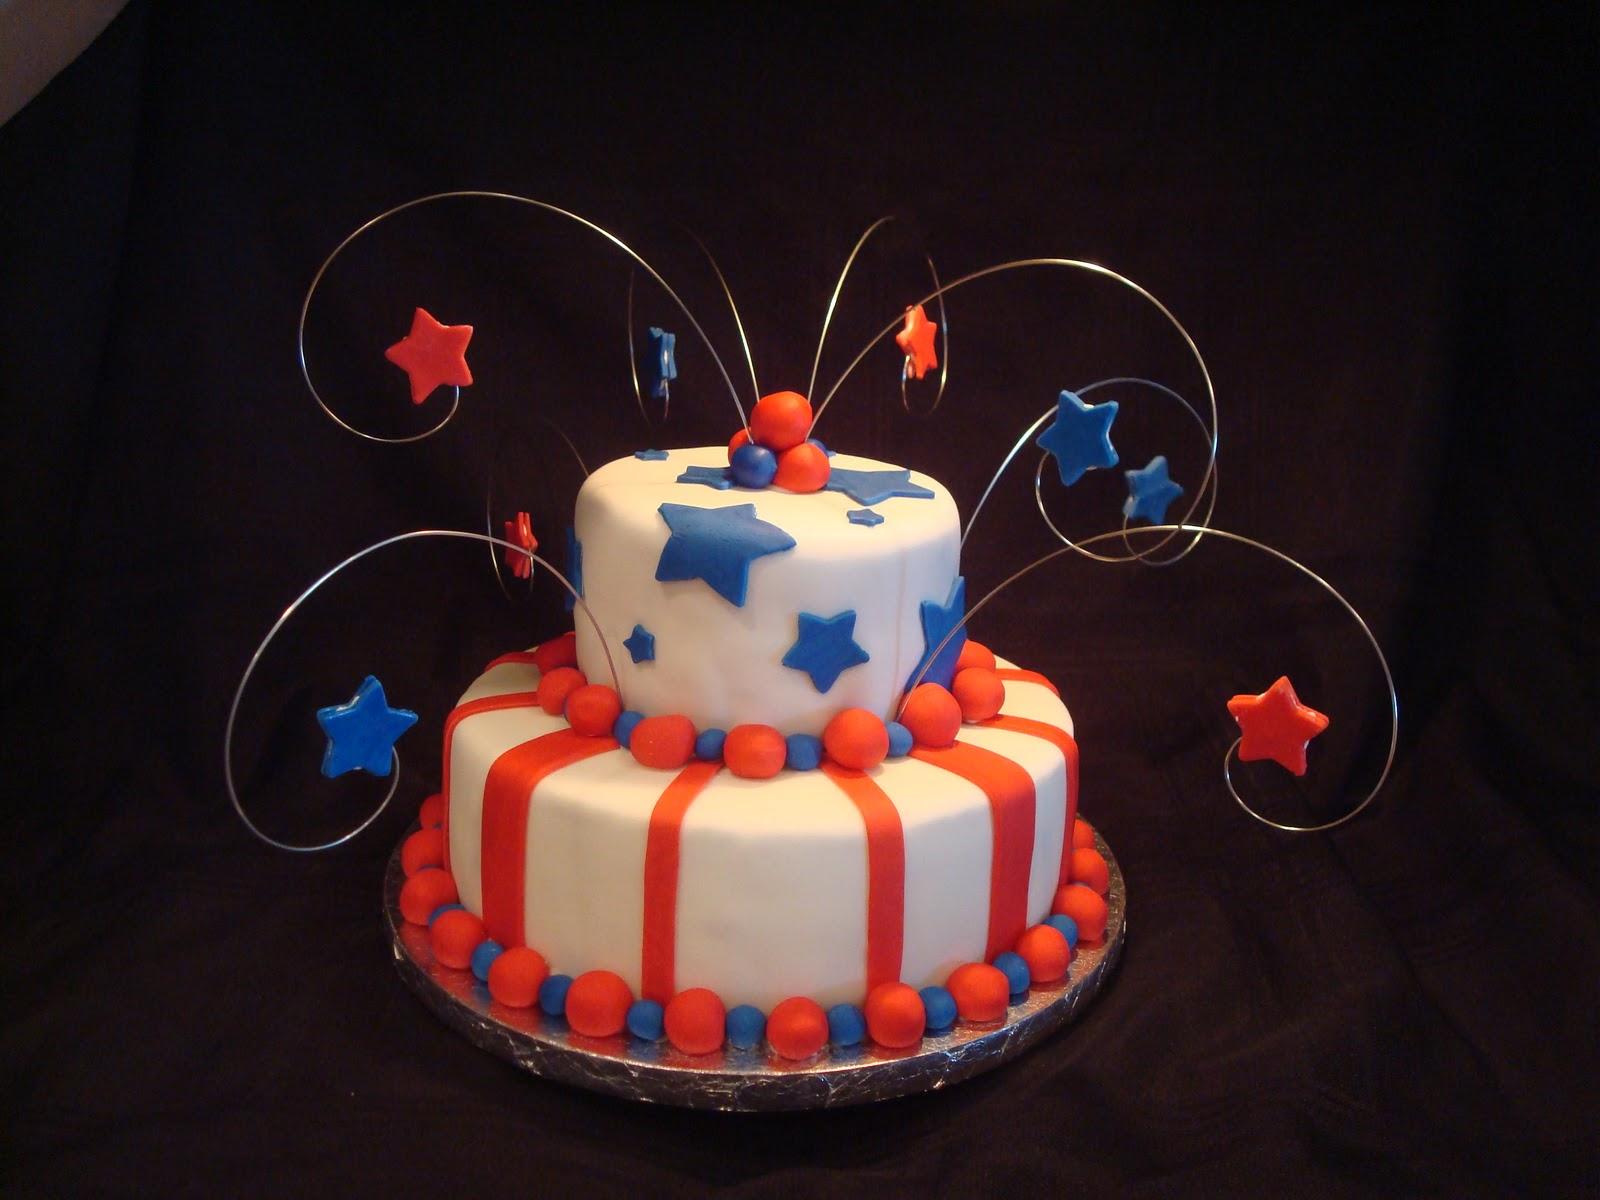 Cake N Bake Sisters 4th Of July Birthday